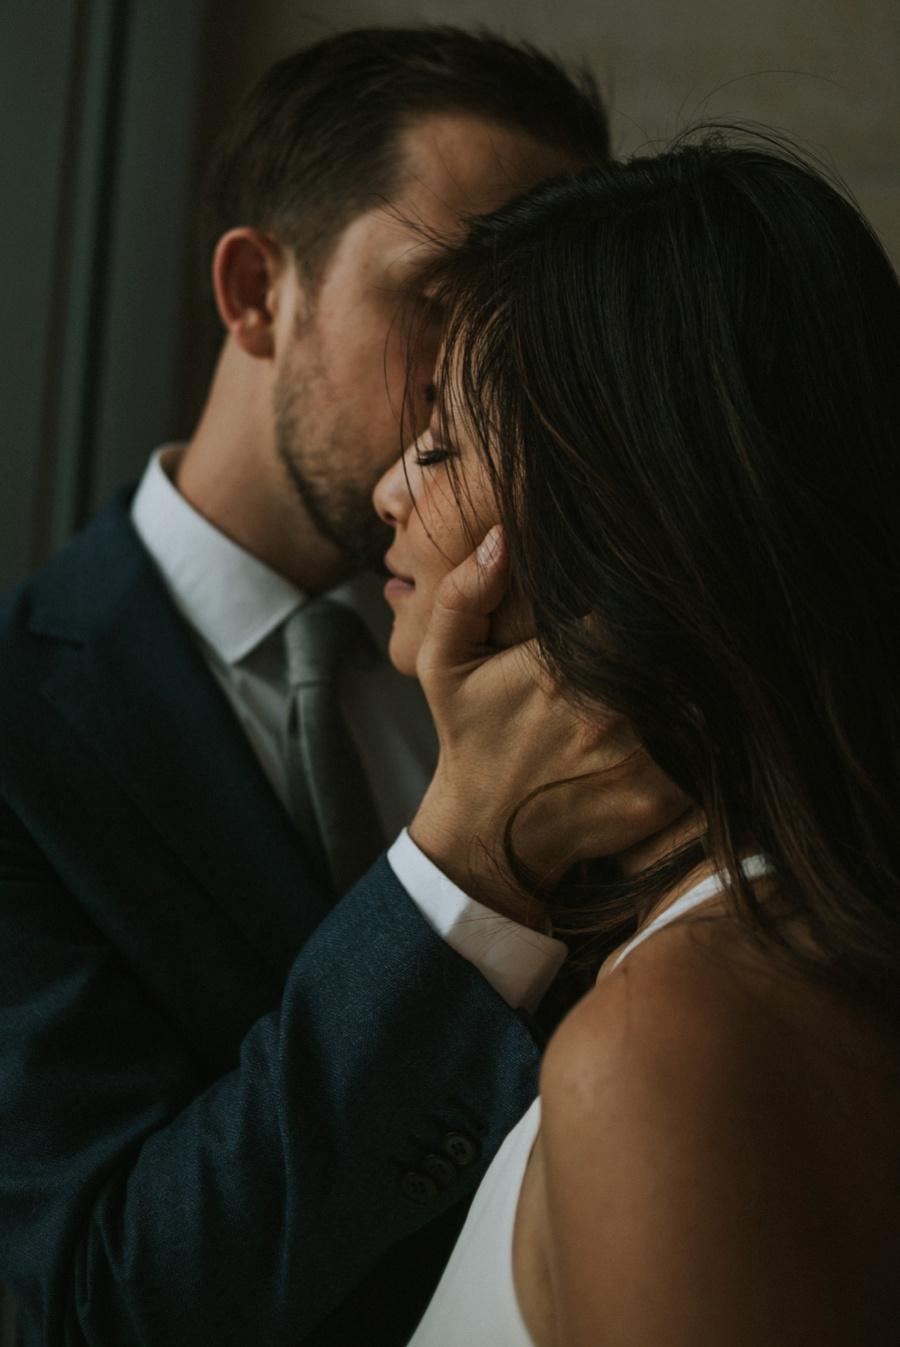 groom kissing bride gently